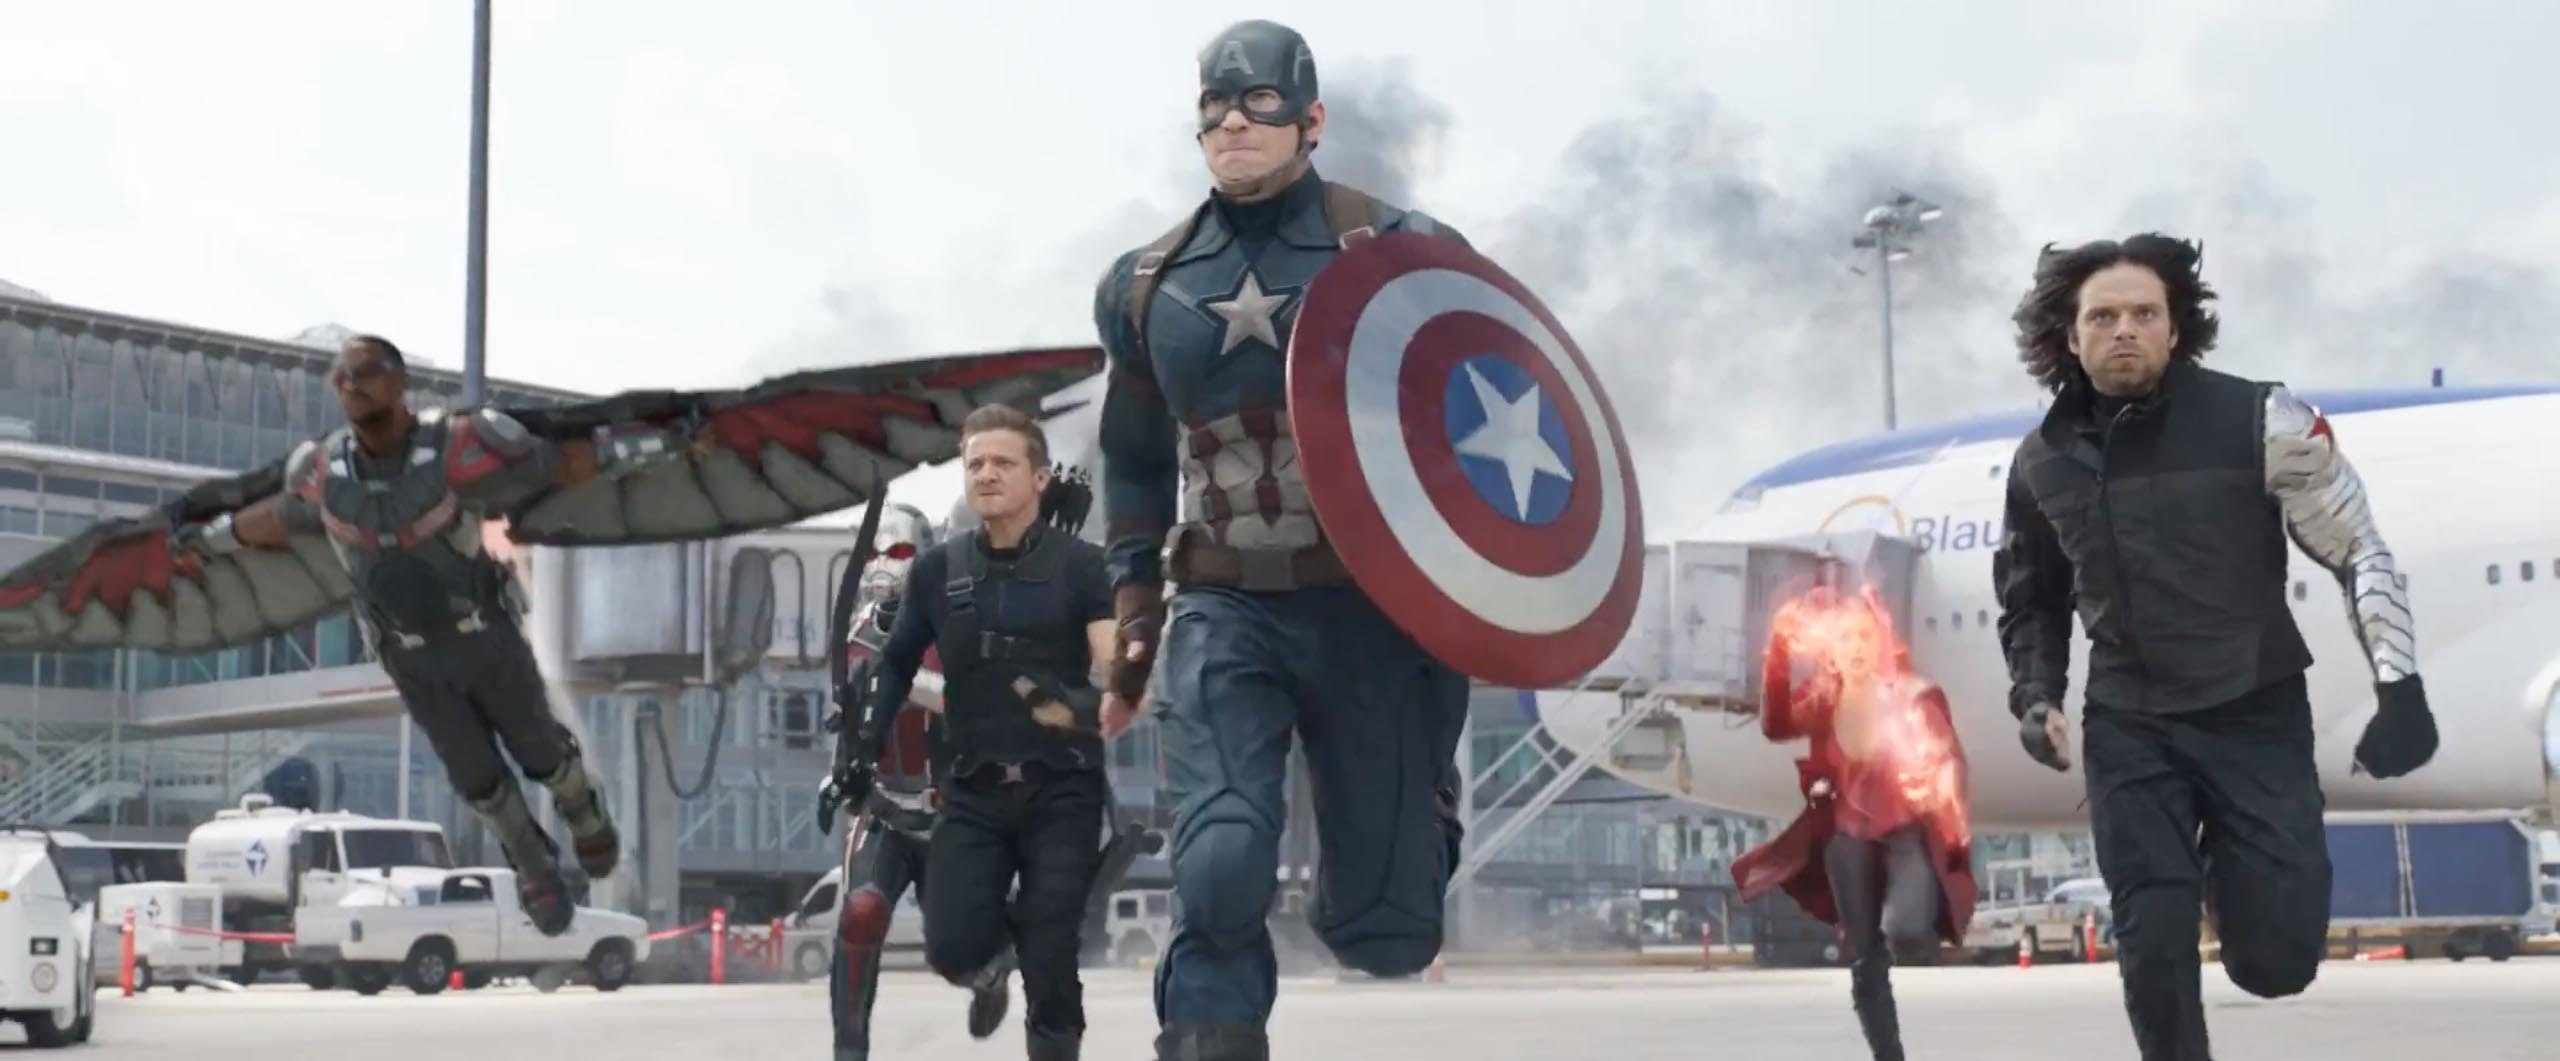 Captain america civil war team cap